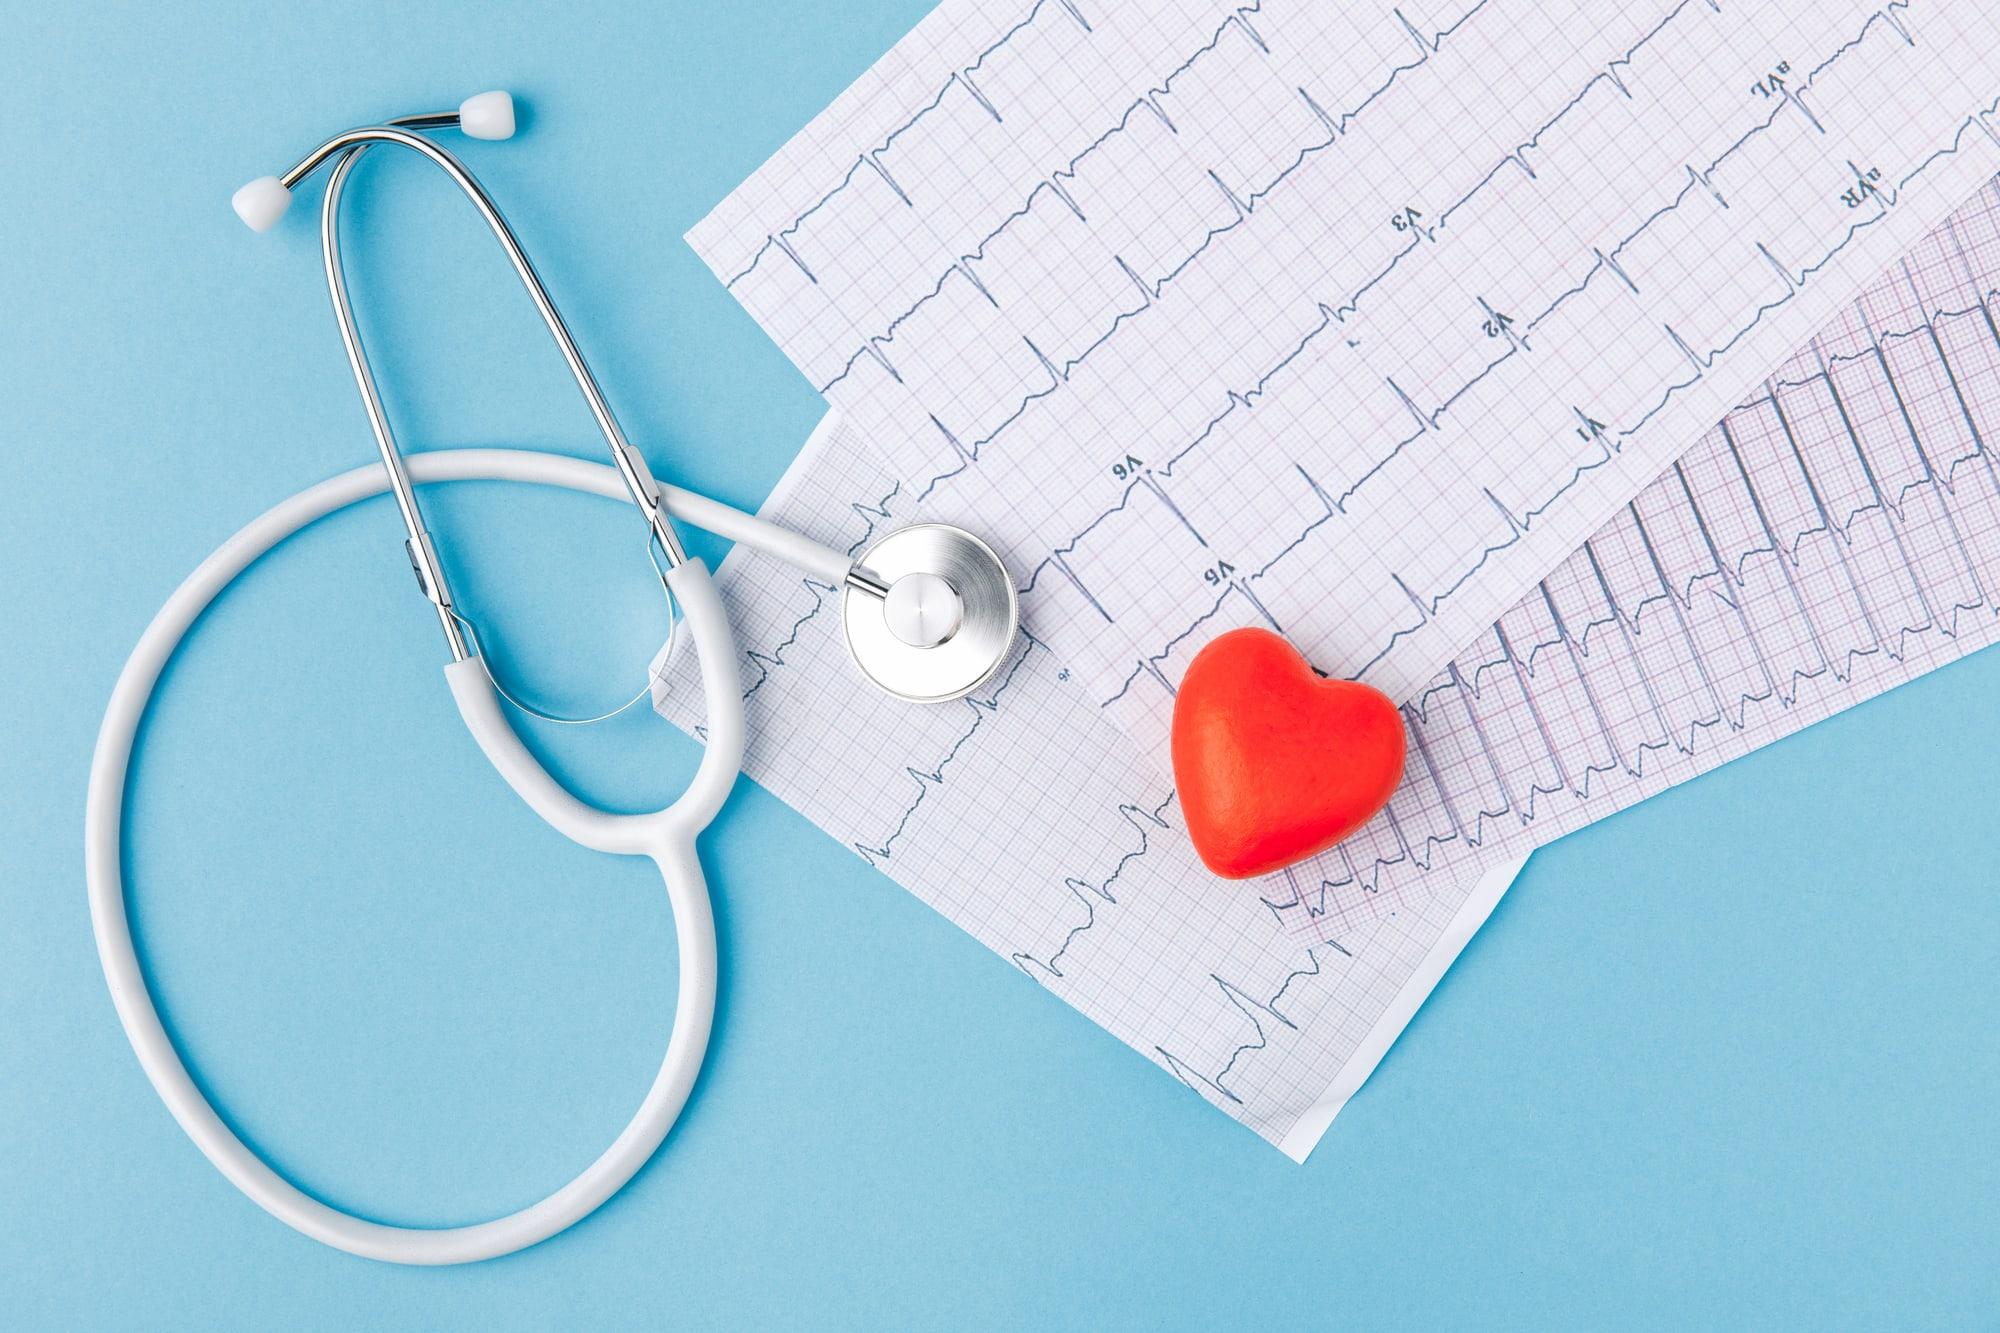 топ-8 спосоов снизить риск развития сердечно-сосудистых заболеваний